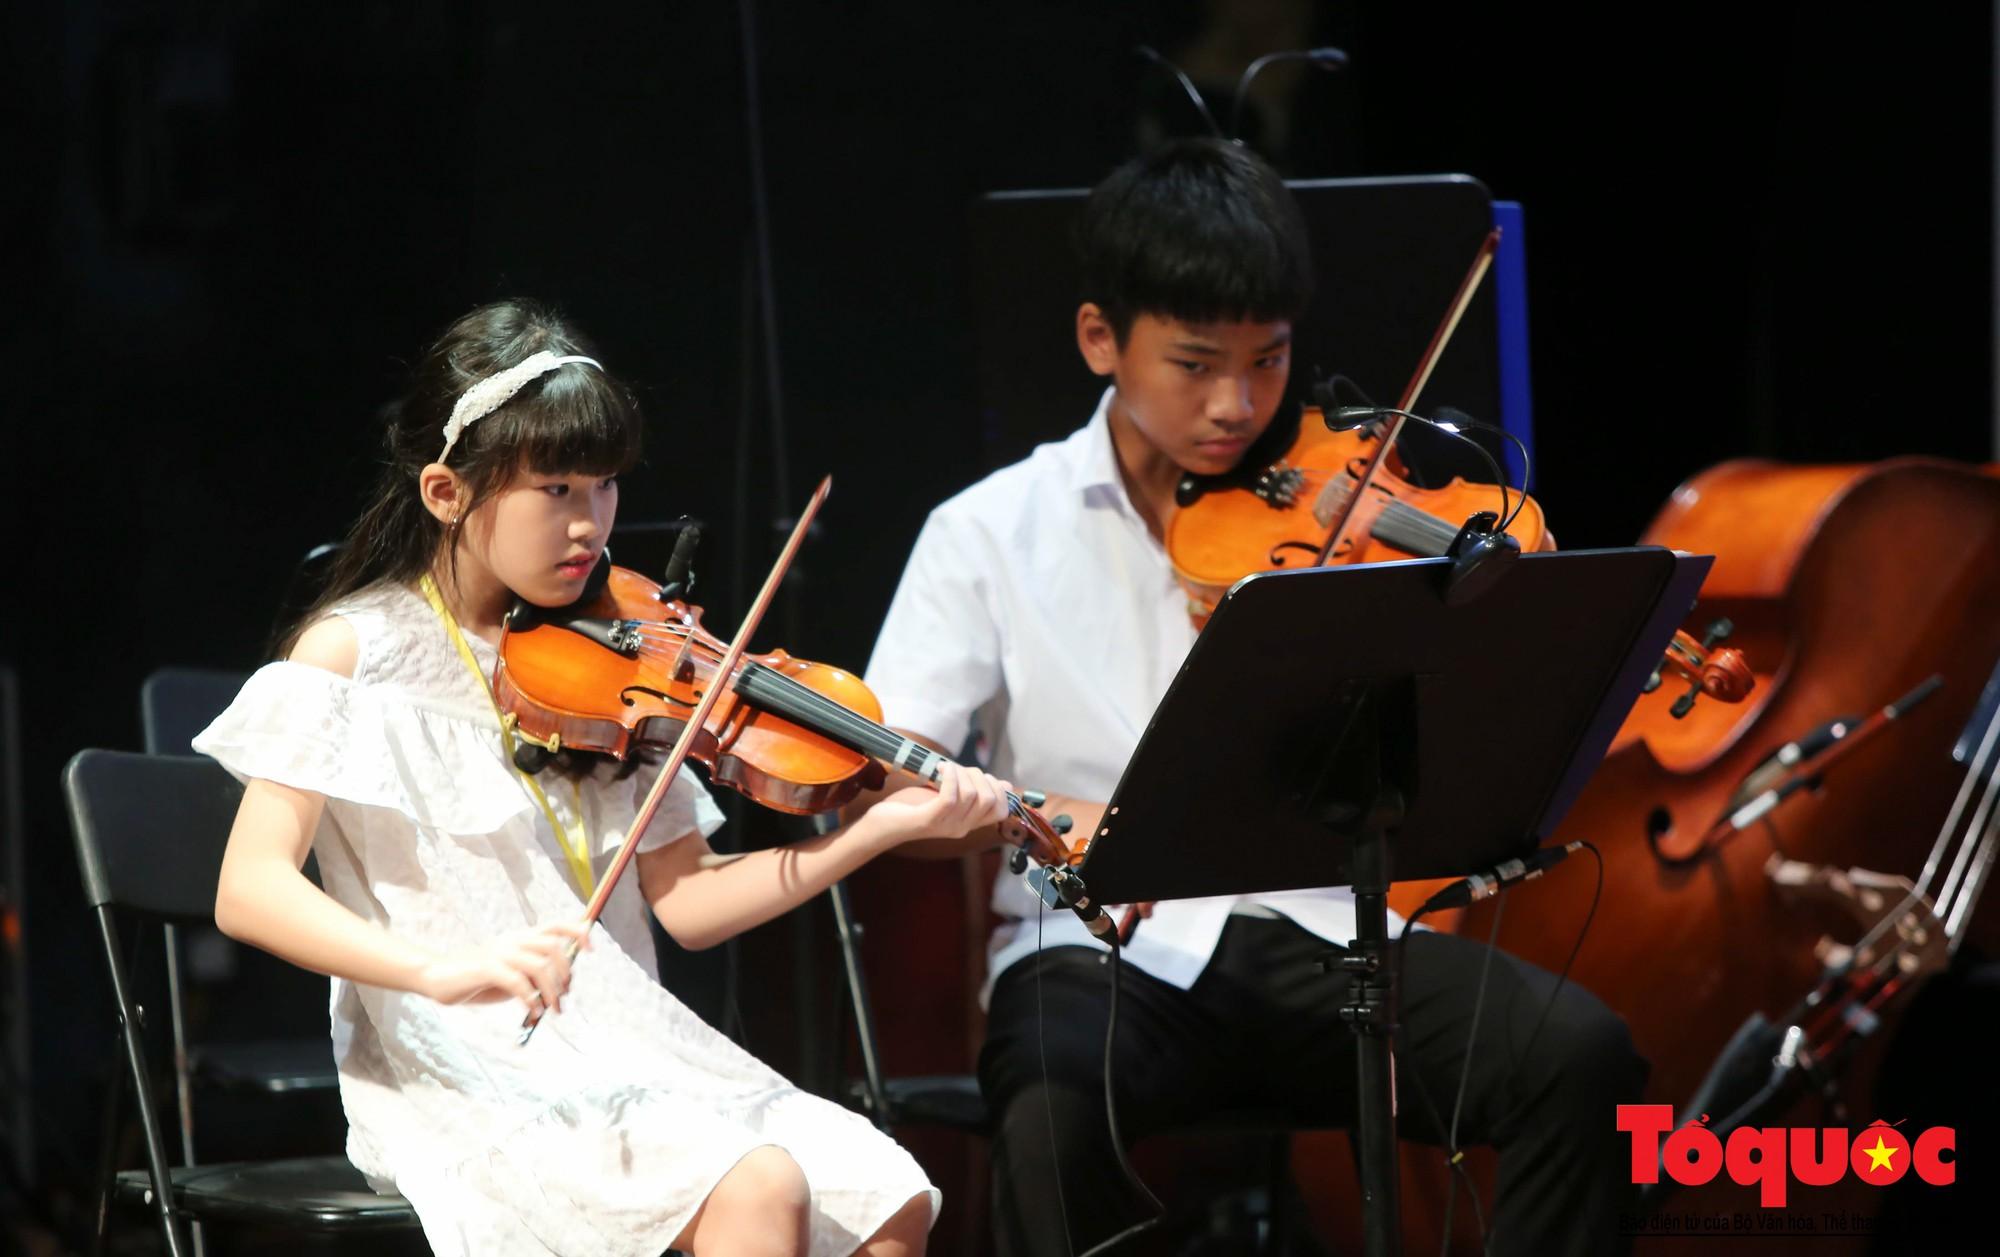 Dàn nhạc giao hưởng nhí đầu tiên của Việt Nam biểu diễn gây quỹ từ thiện (3)